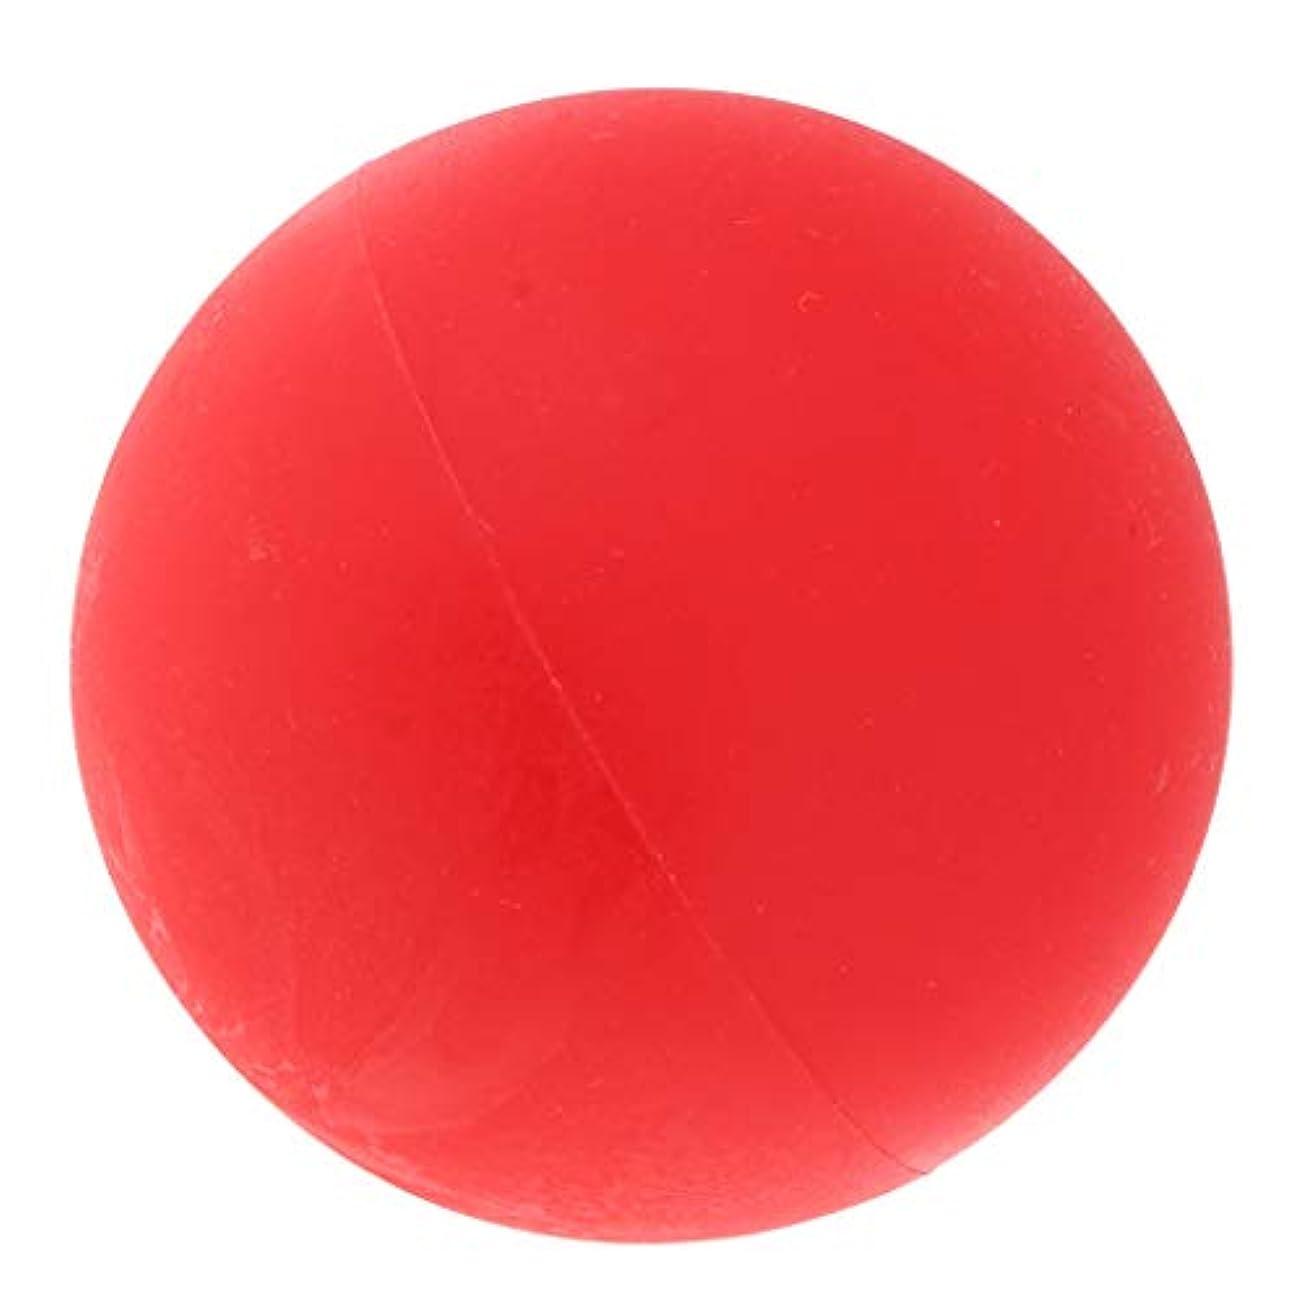 アンケート未使用サイズマッサージボール ヨガボール トリガーポイント 筋膜リリース 緊張緩和 健康グッズ 全4色 - 赤